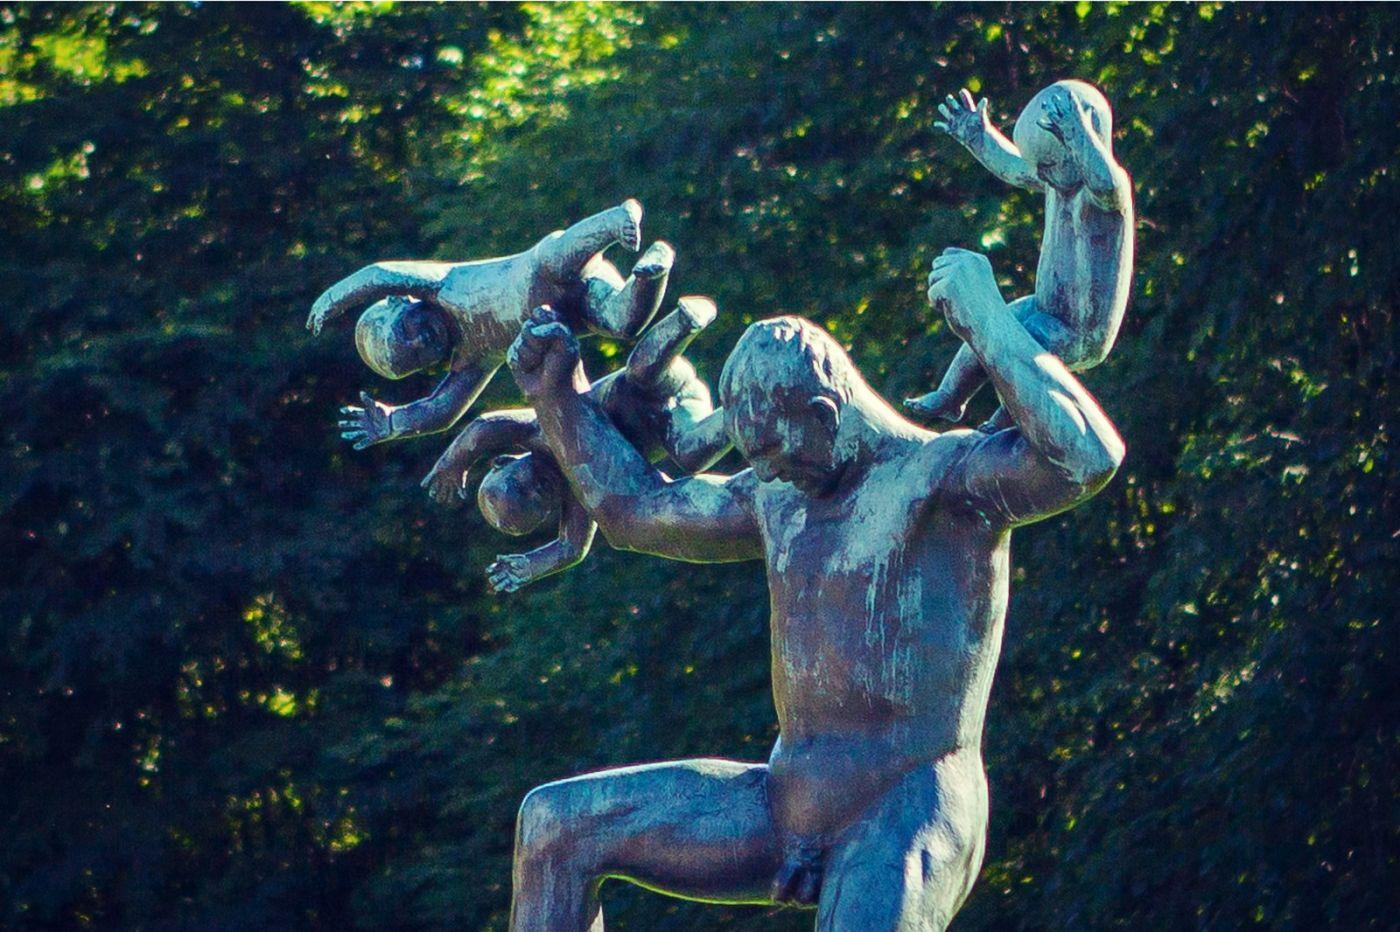 挪威维格兰雕塑公园,风格明显_图1-18